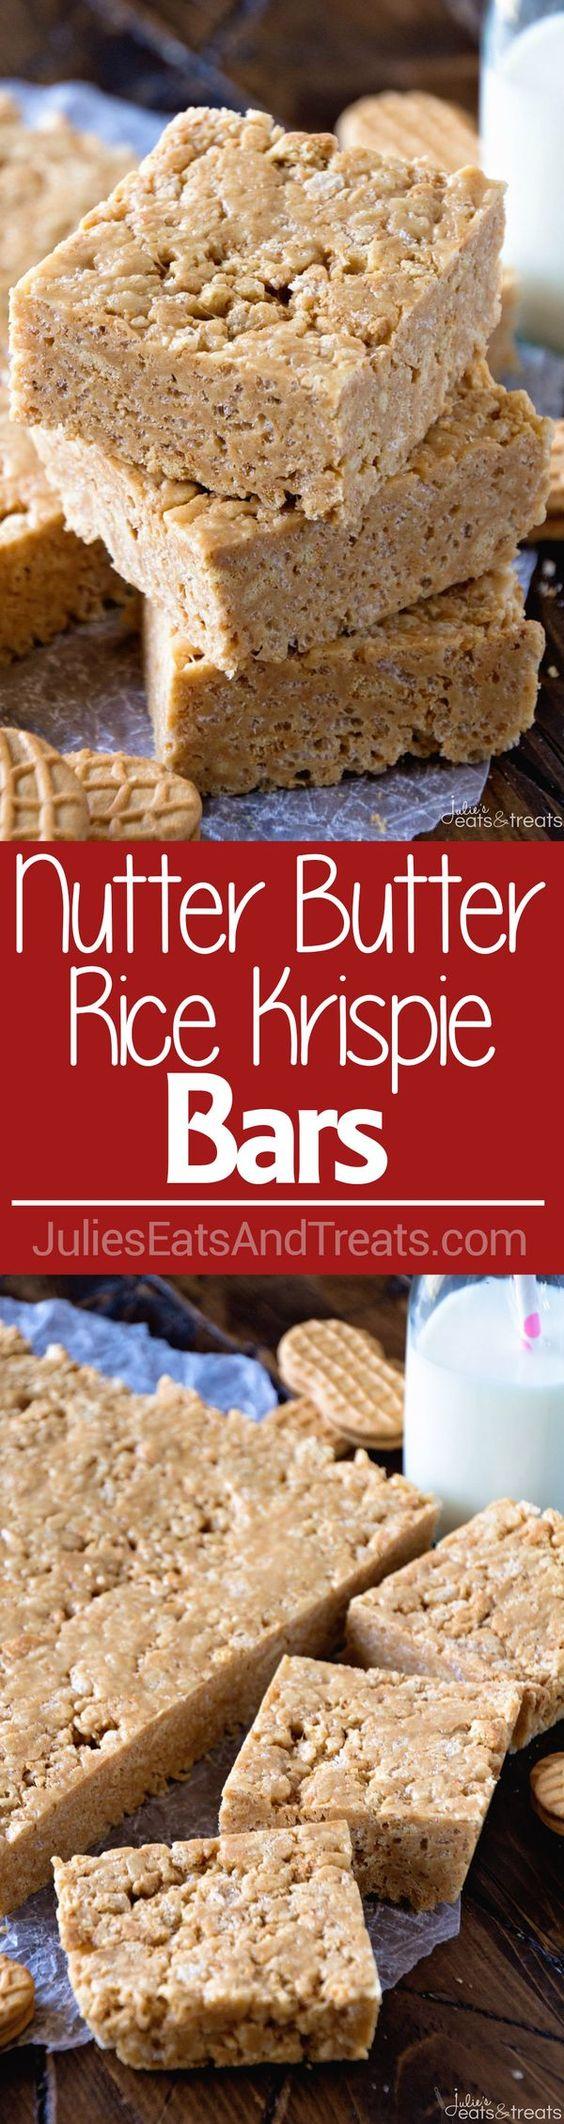 Nutter Butter Rice Krispie Bars   Recipe   Butter, Krispie ...